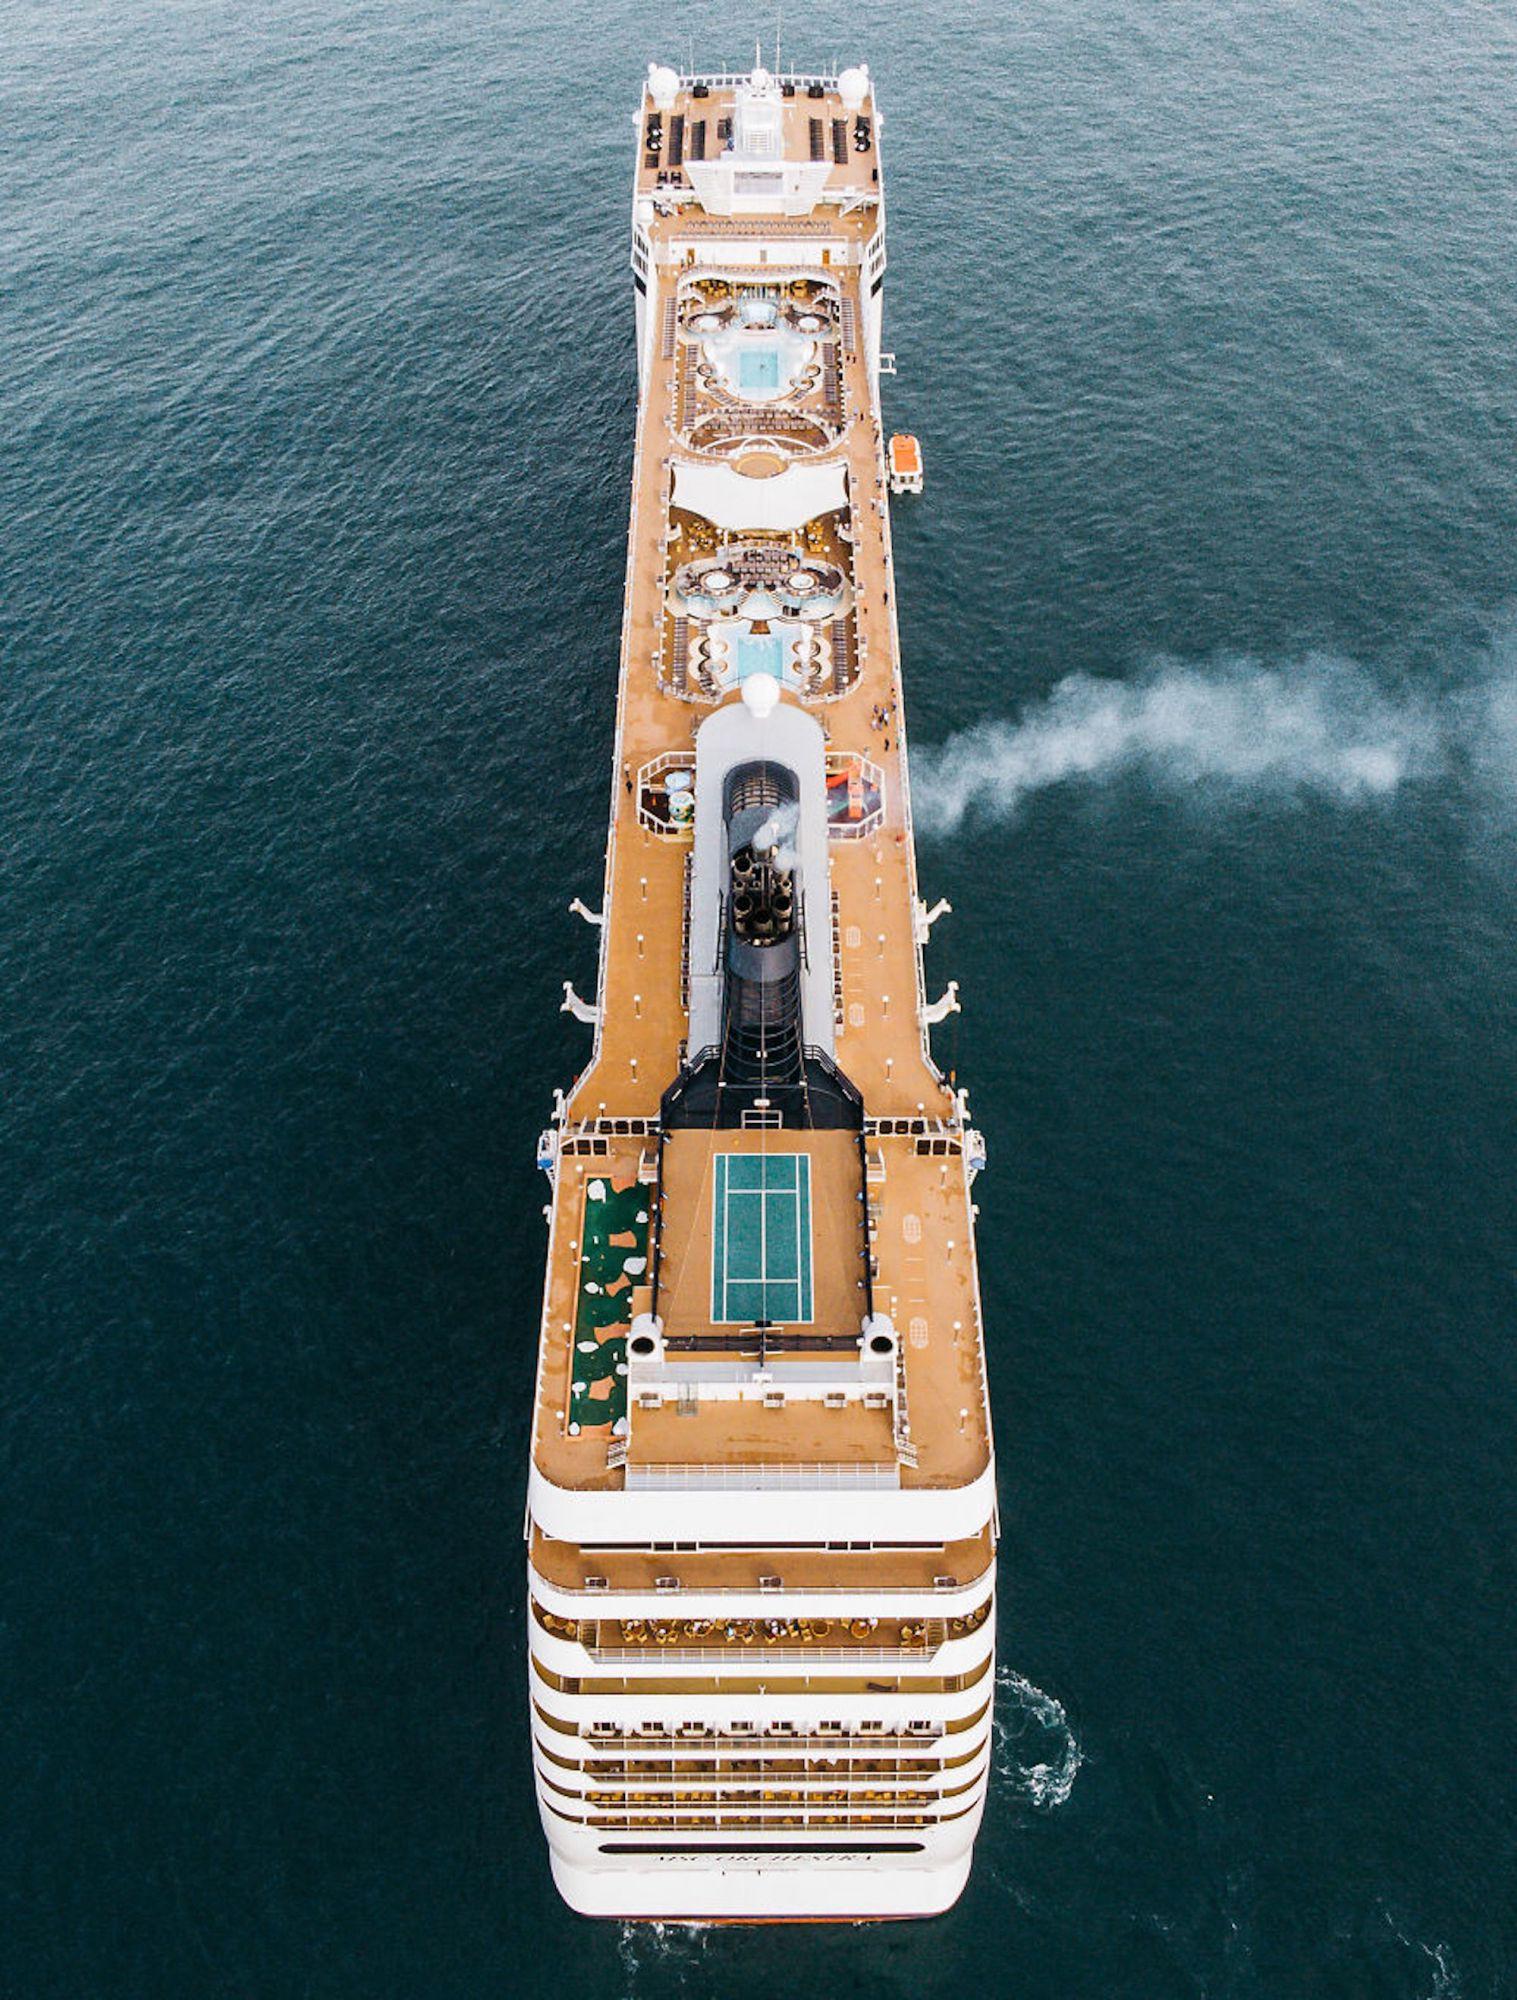 Cruzeiro, que passava pelas Ilhas Jersey, foi clicado por um fotógrafo de 18 anos, o mais novo do concurso